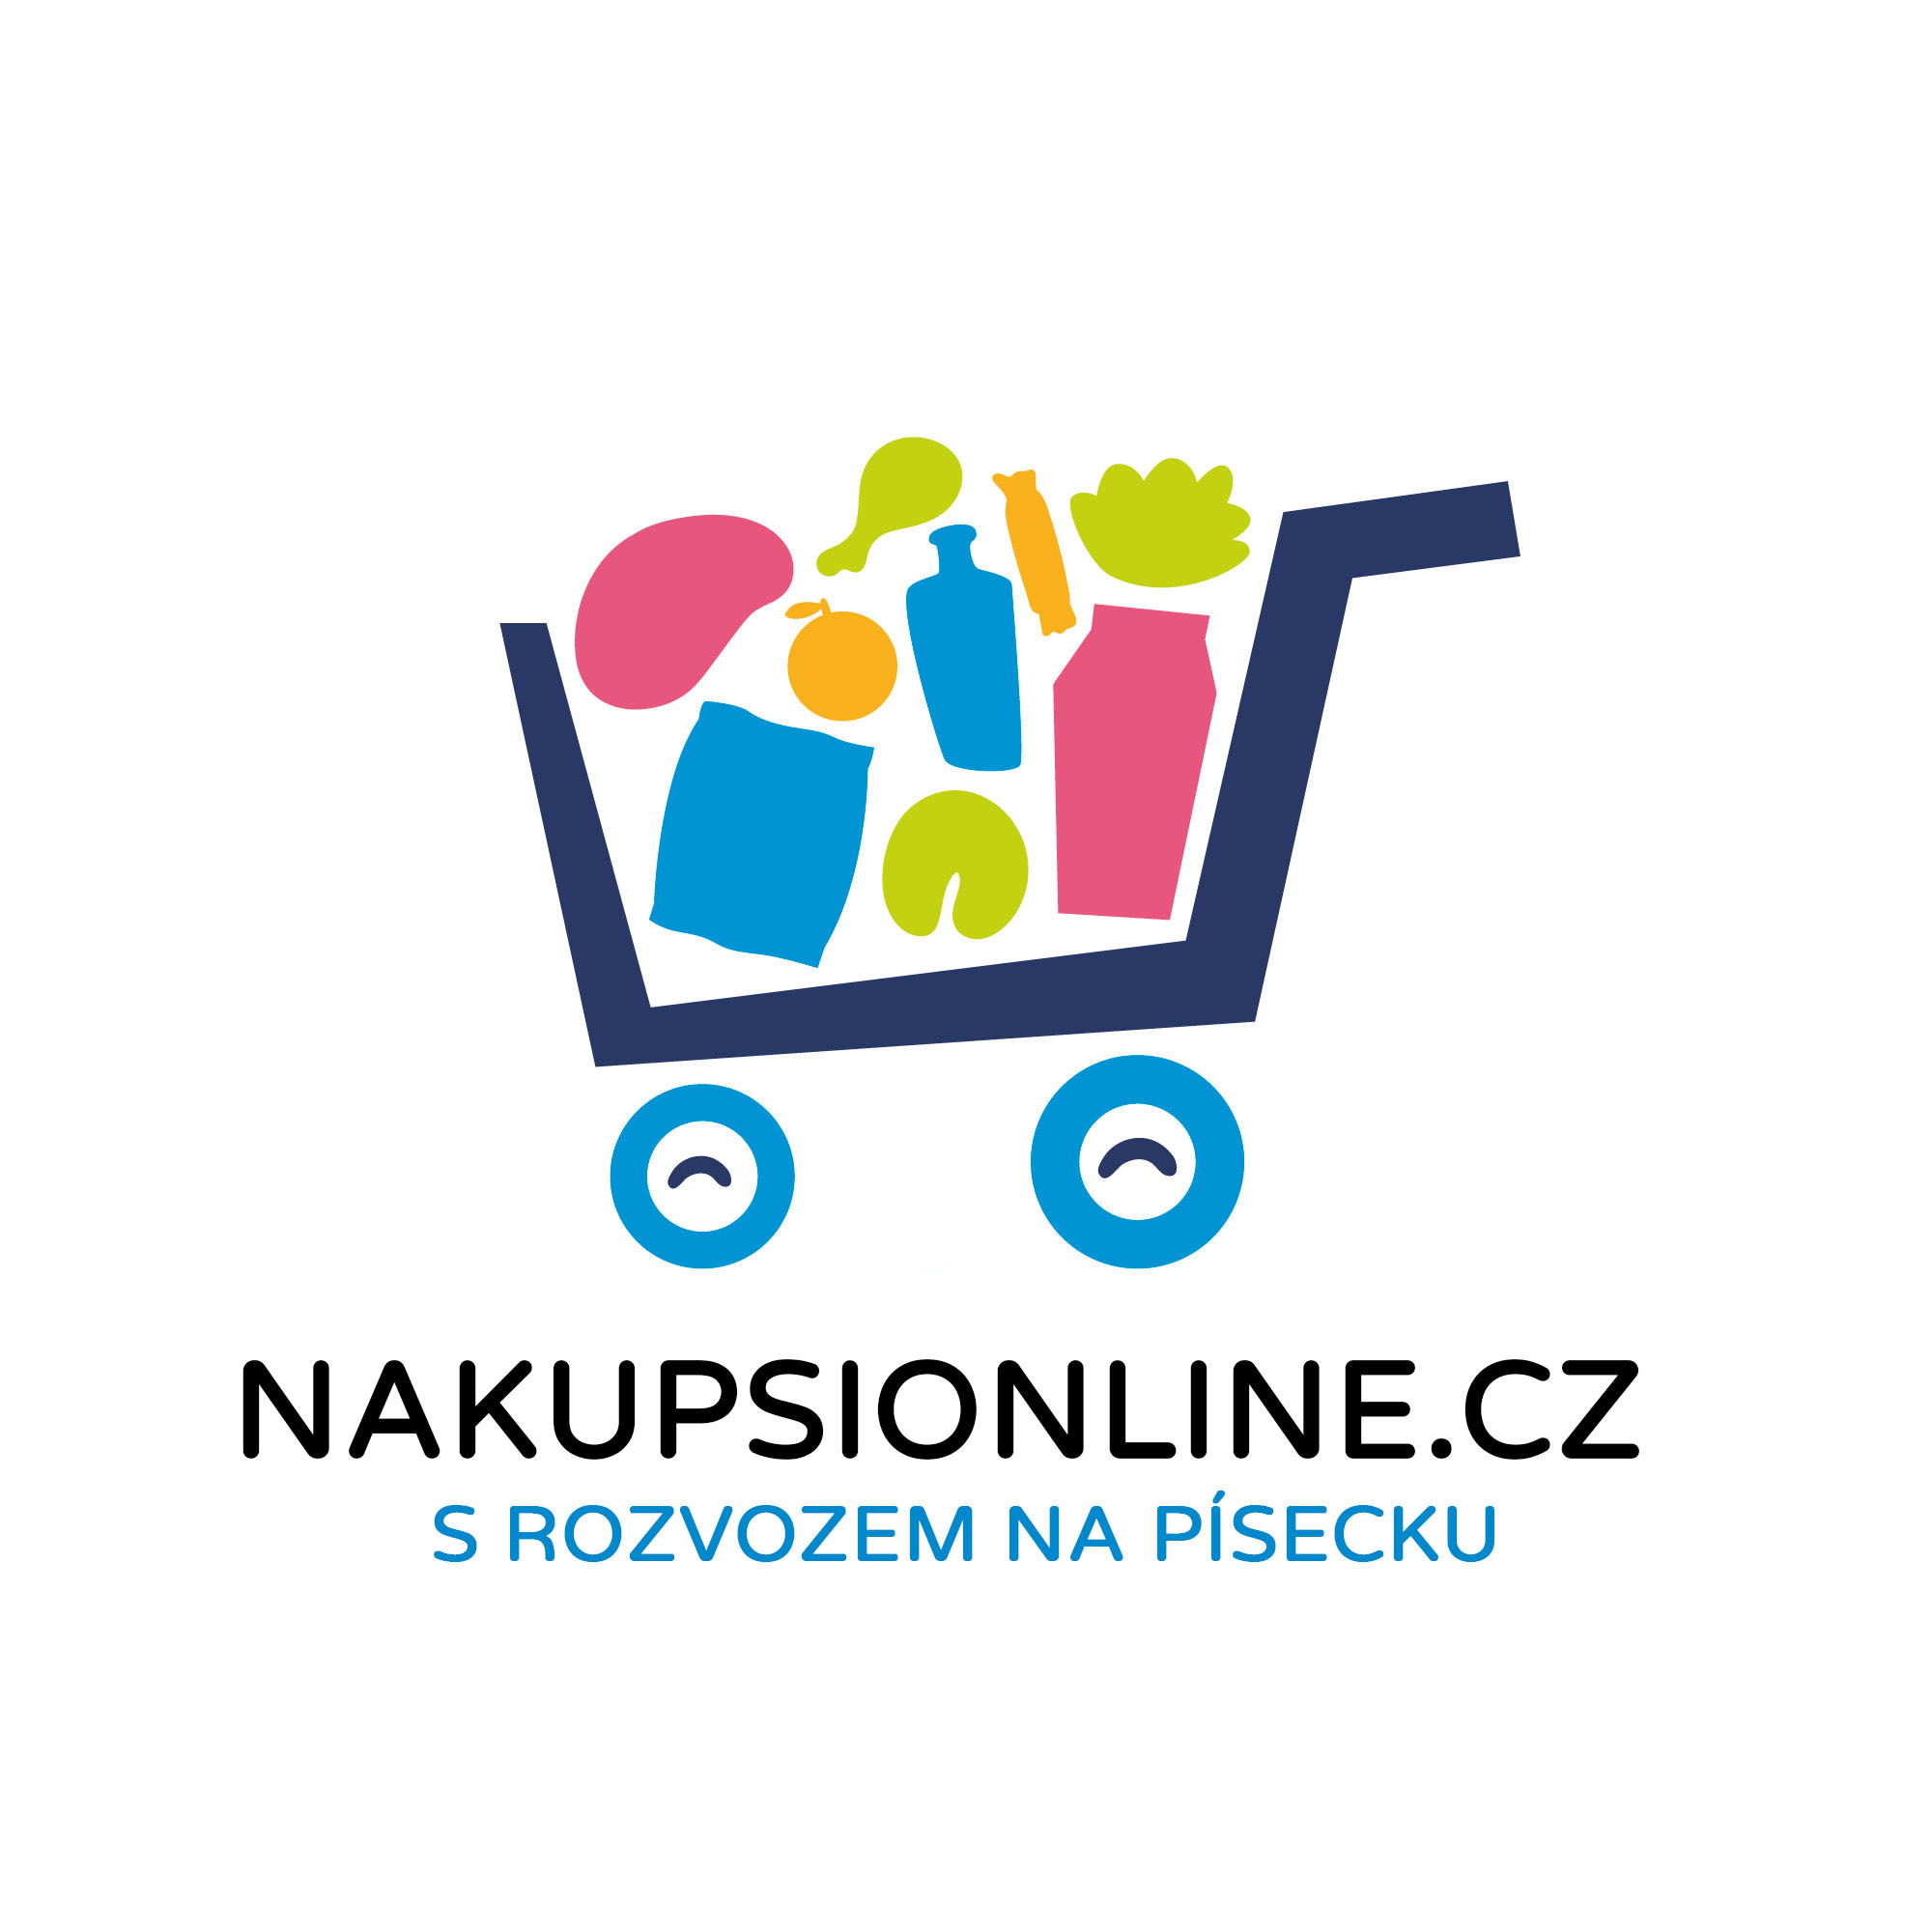 nakupsionline.cz